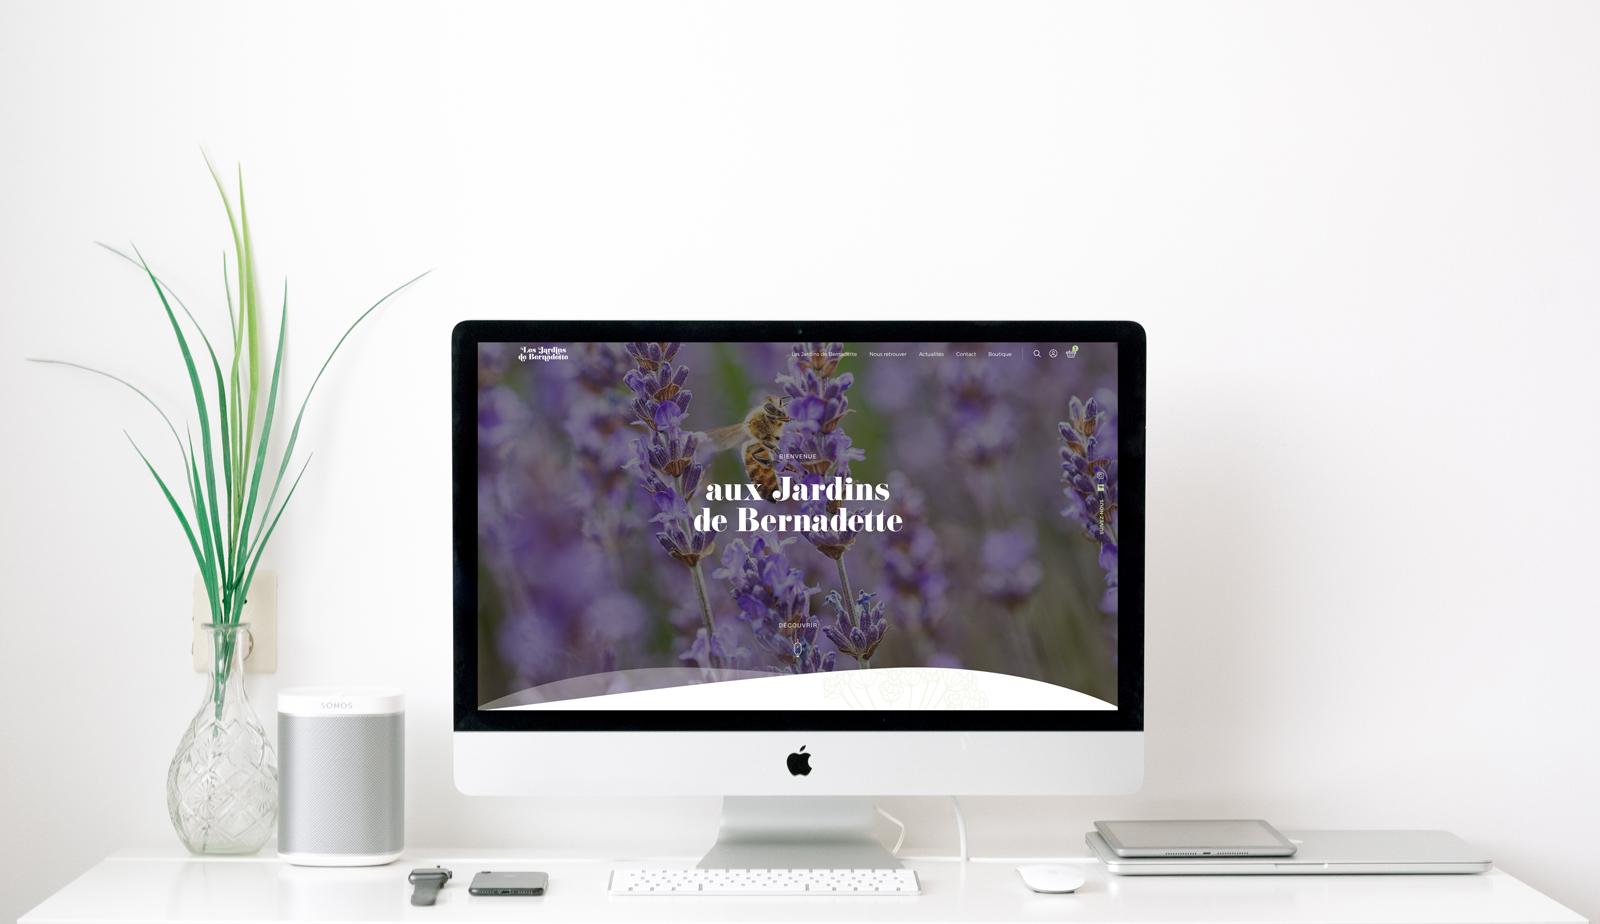 Les-jardins-de-bernadette-josselin tourette-mac–1